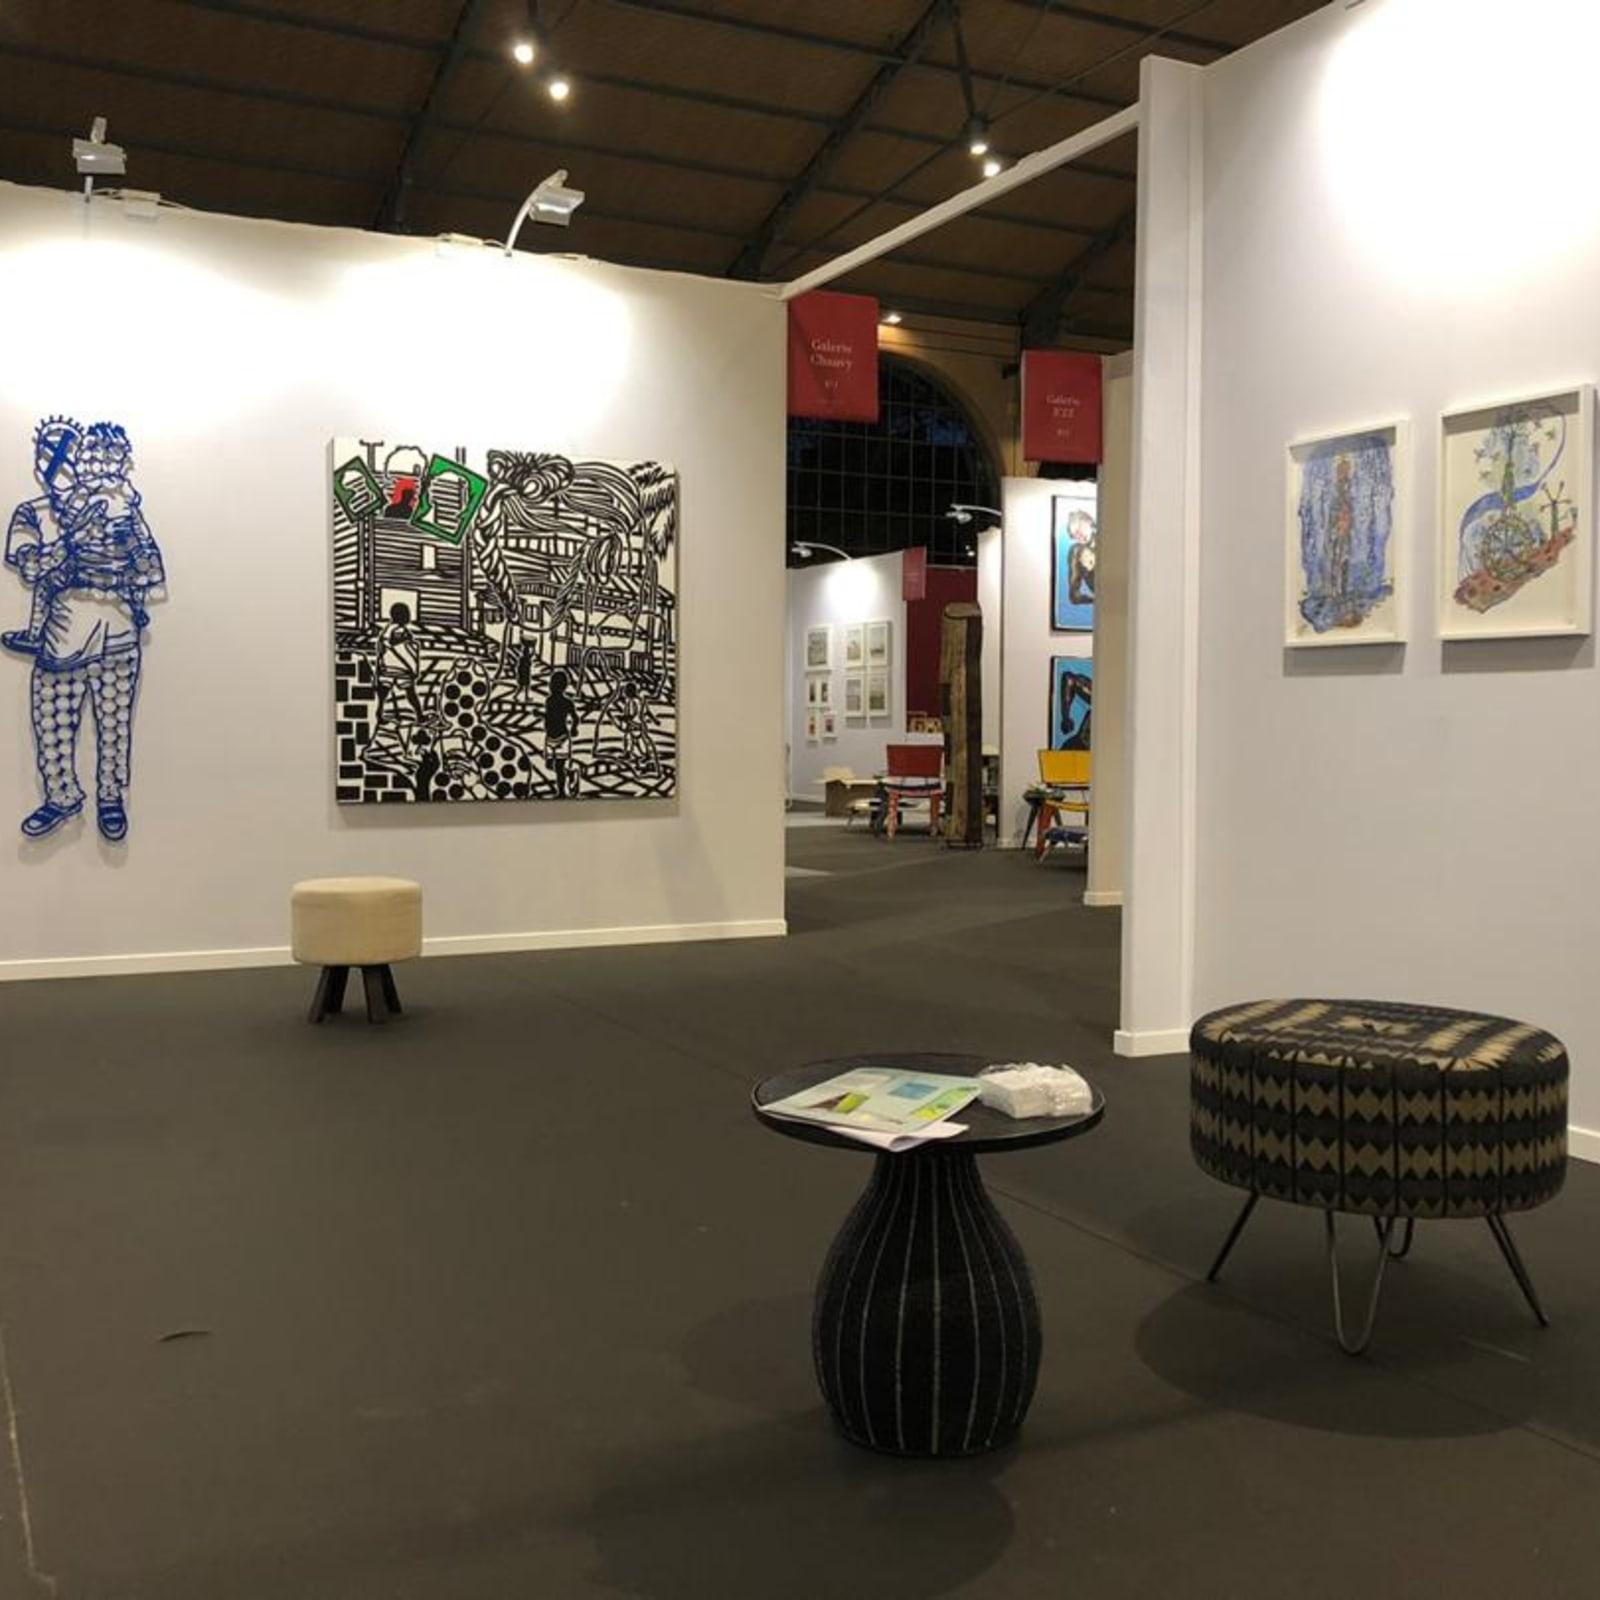 AKAA, Galerie MAM / ATISS Paris, 2019 Stand B9